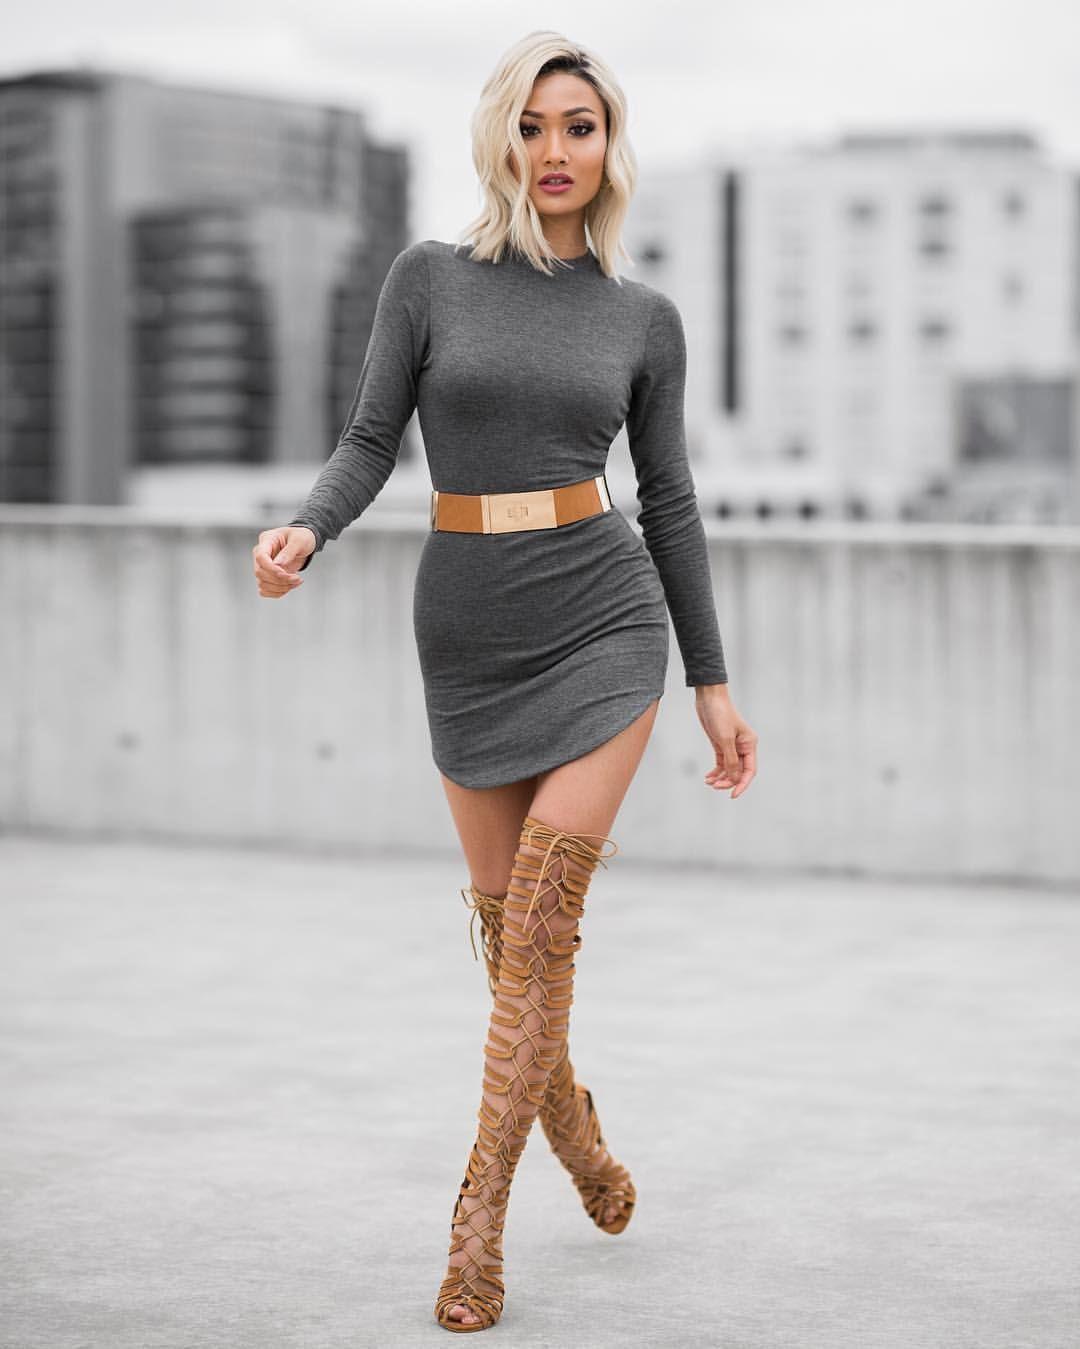 От девушки Бонда до бизнес-вумэн: 10 соблазнительных платьев на все времена